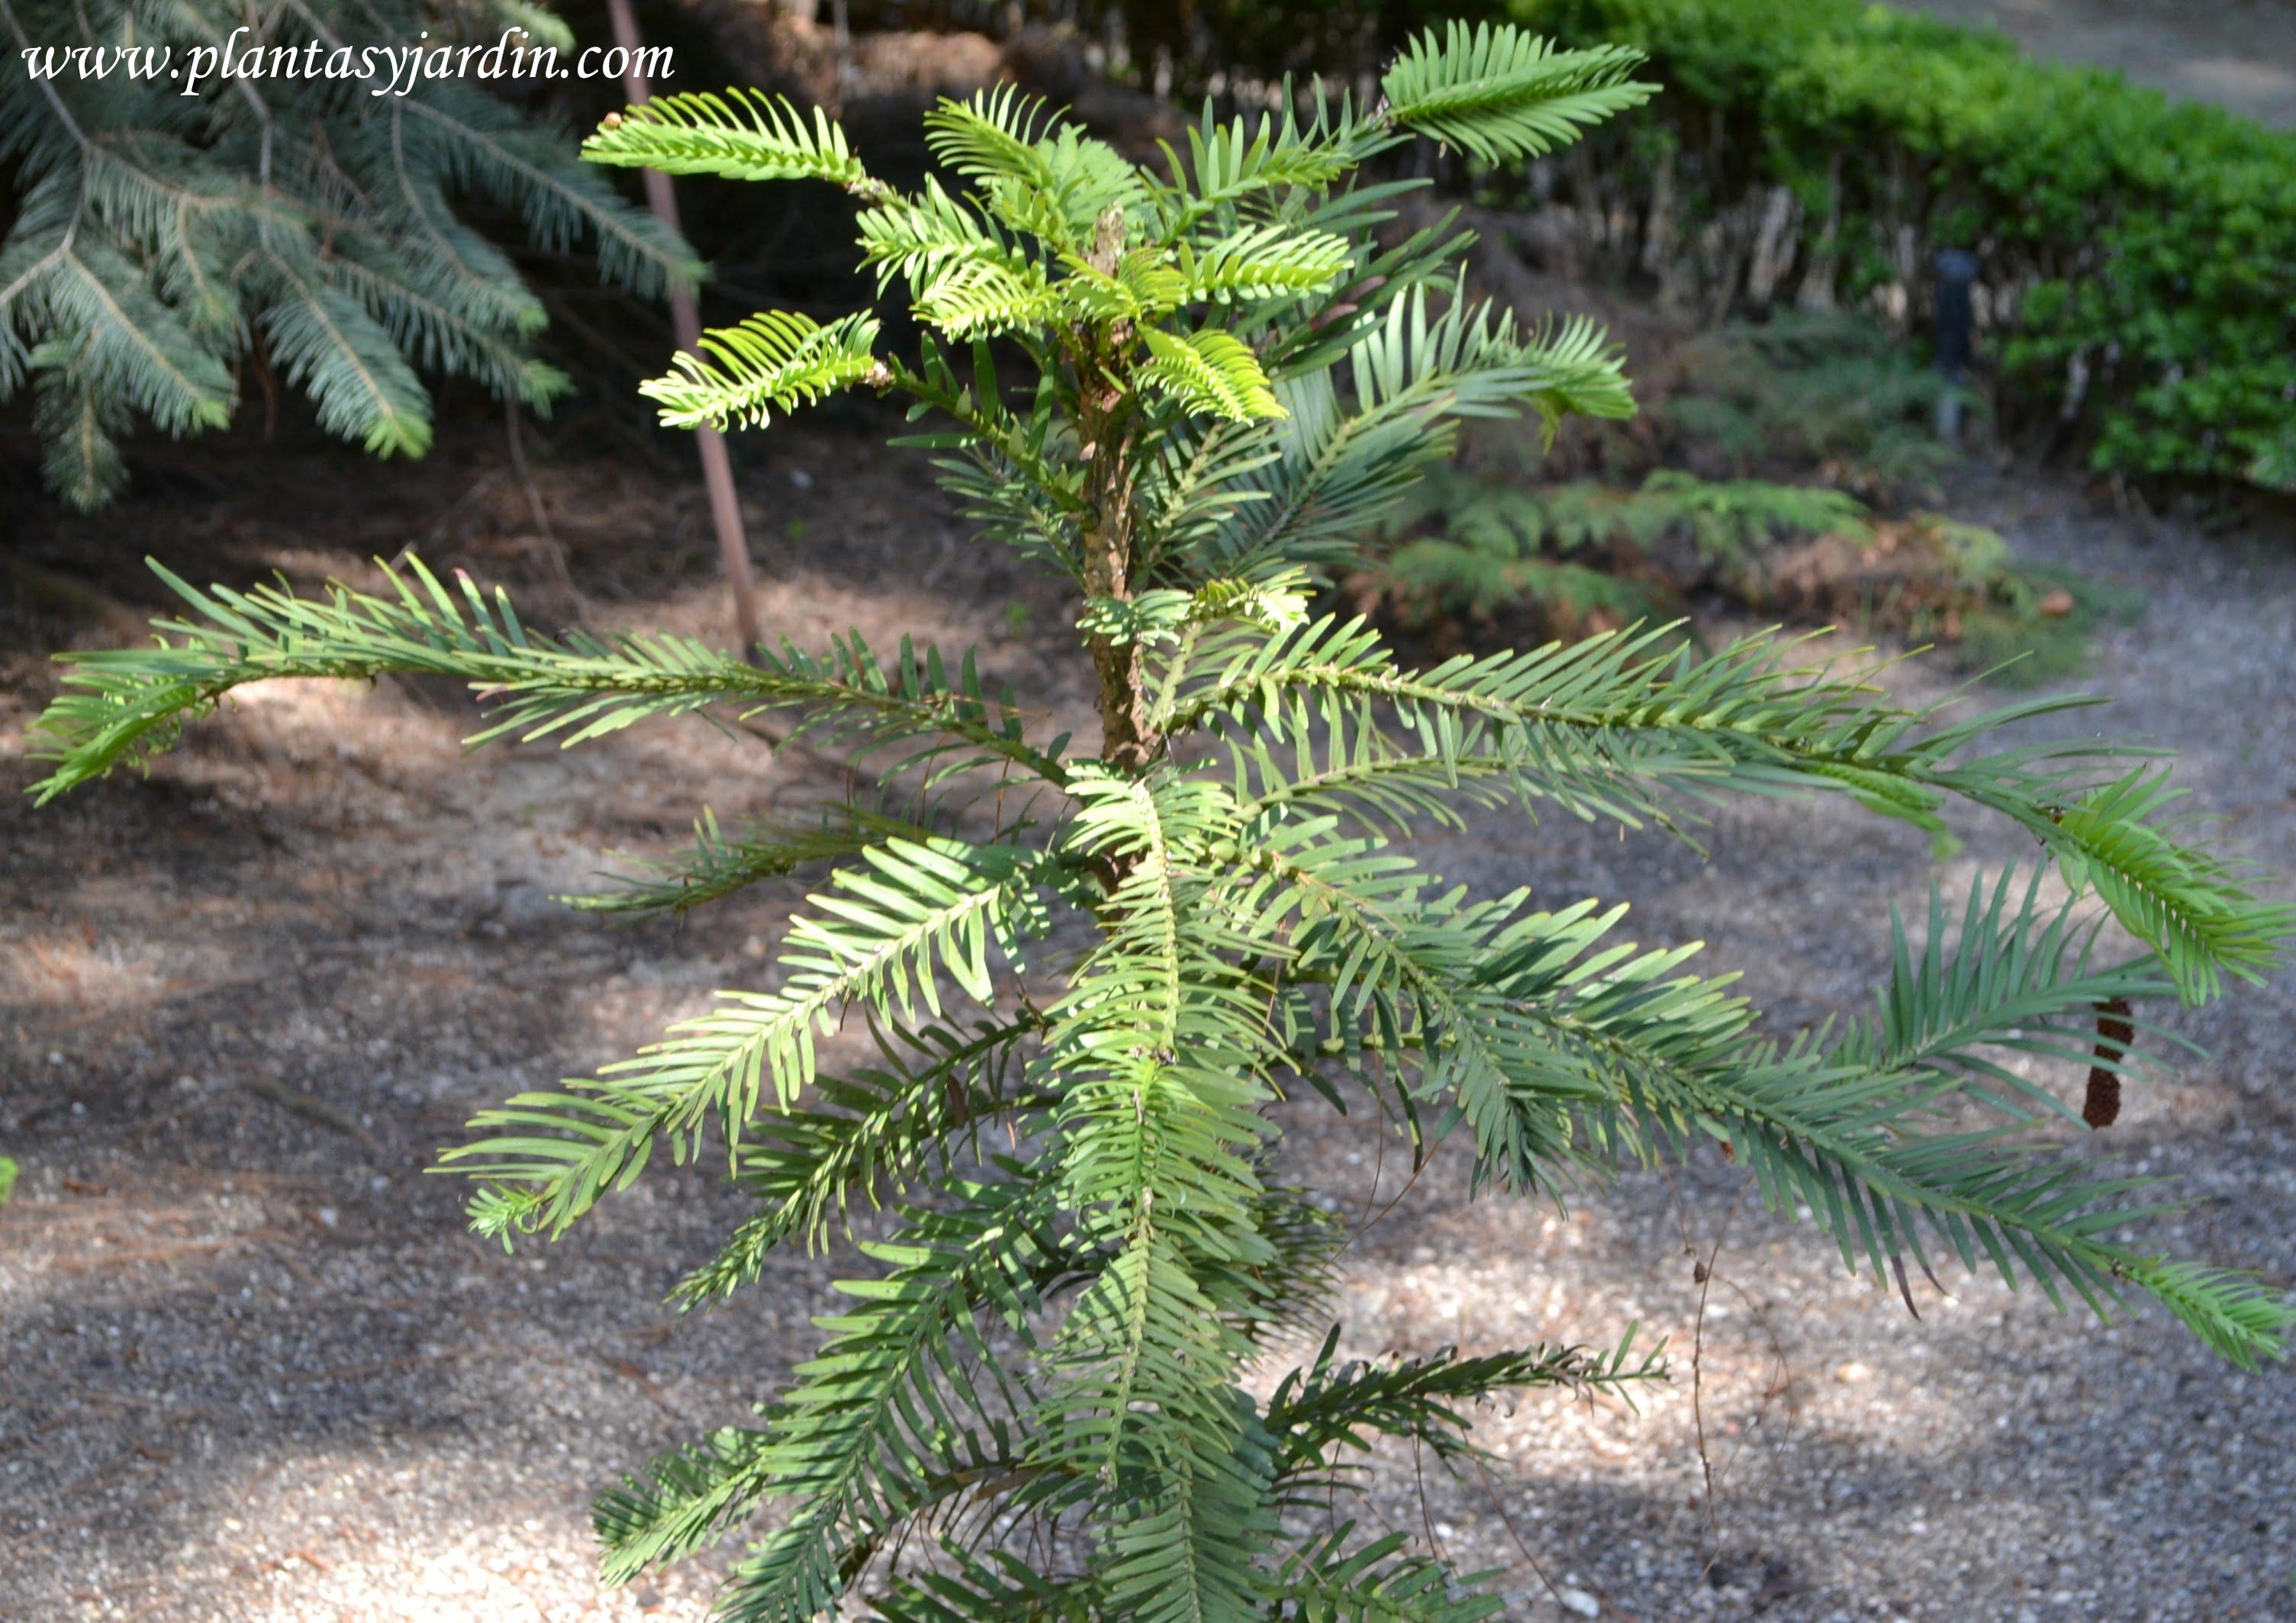 Wollemia nobilis, detalle follaje